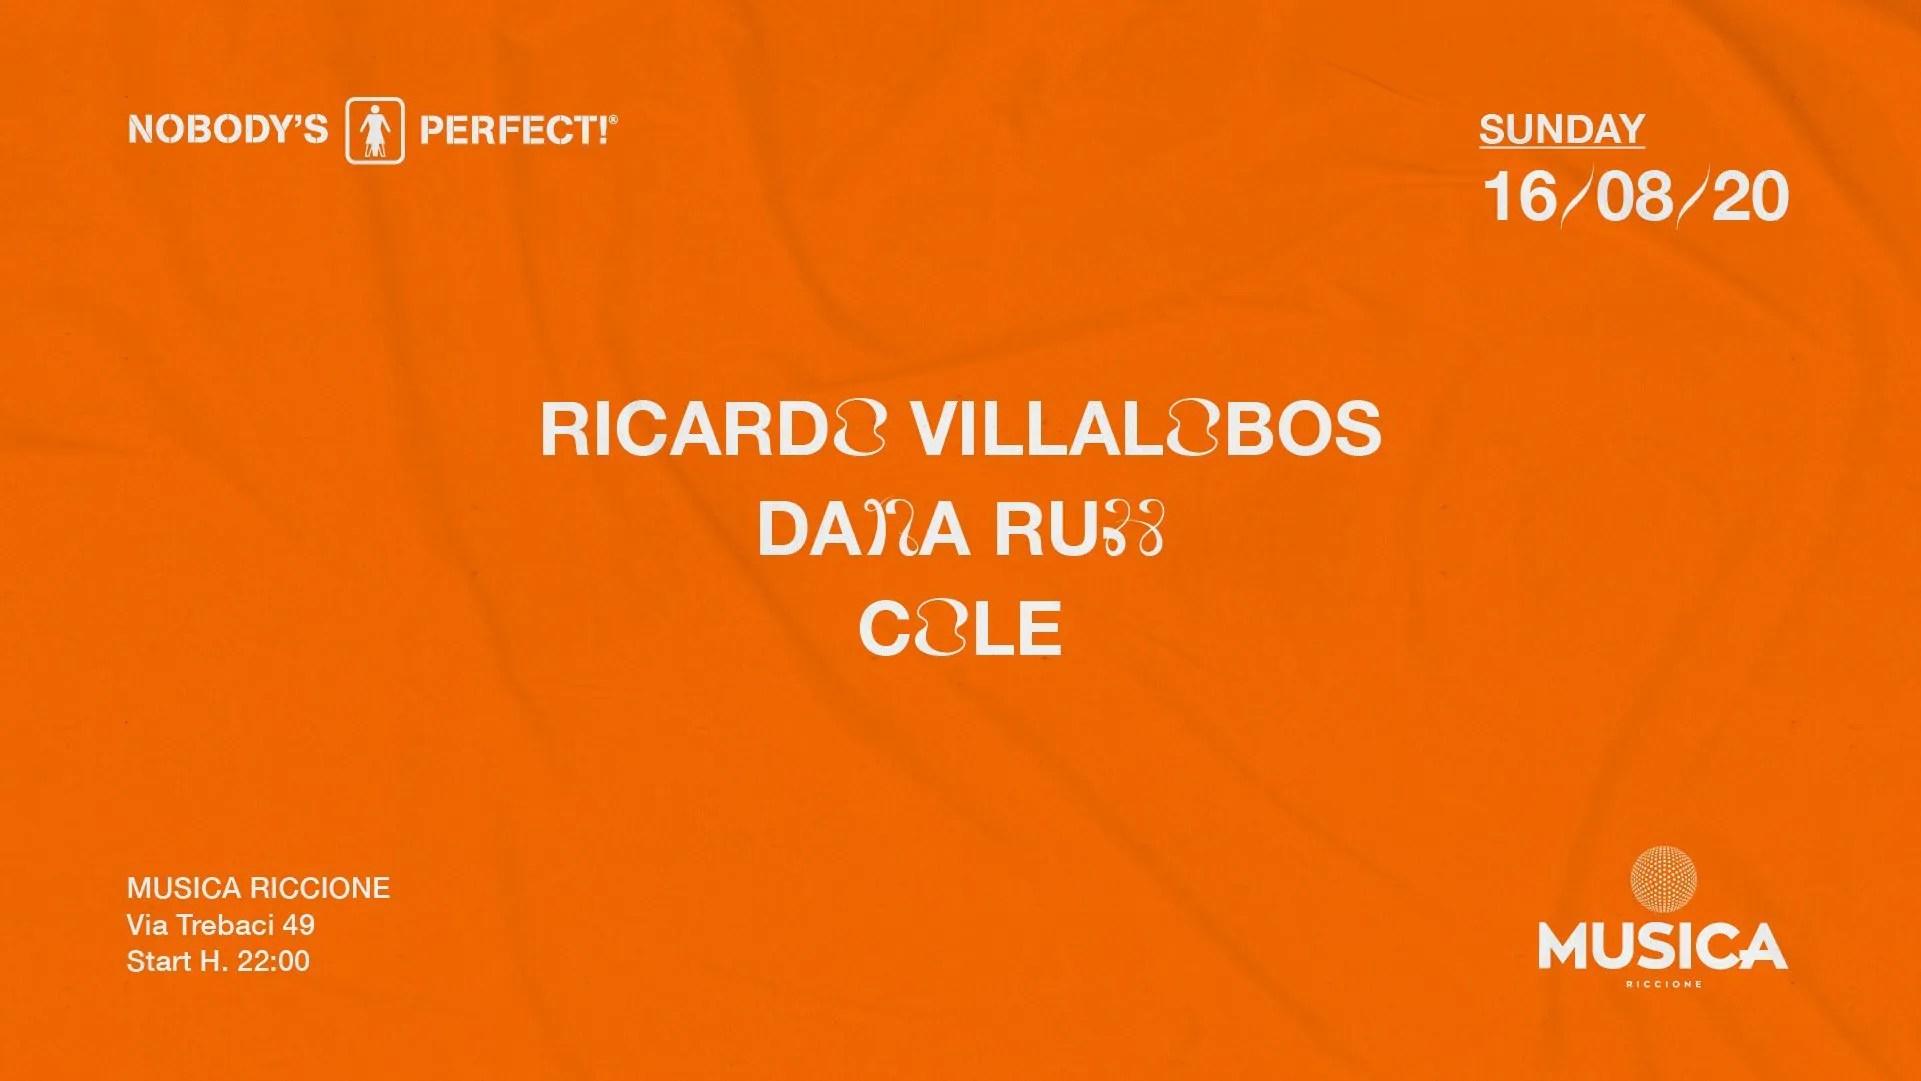 Ricardo Villalobos Musica Riccione 16 08 2020